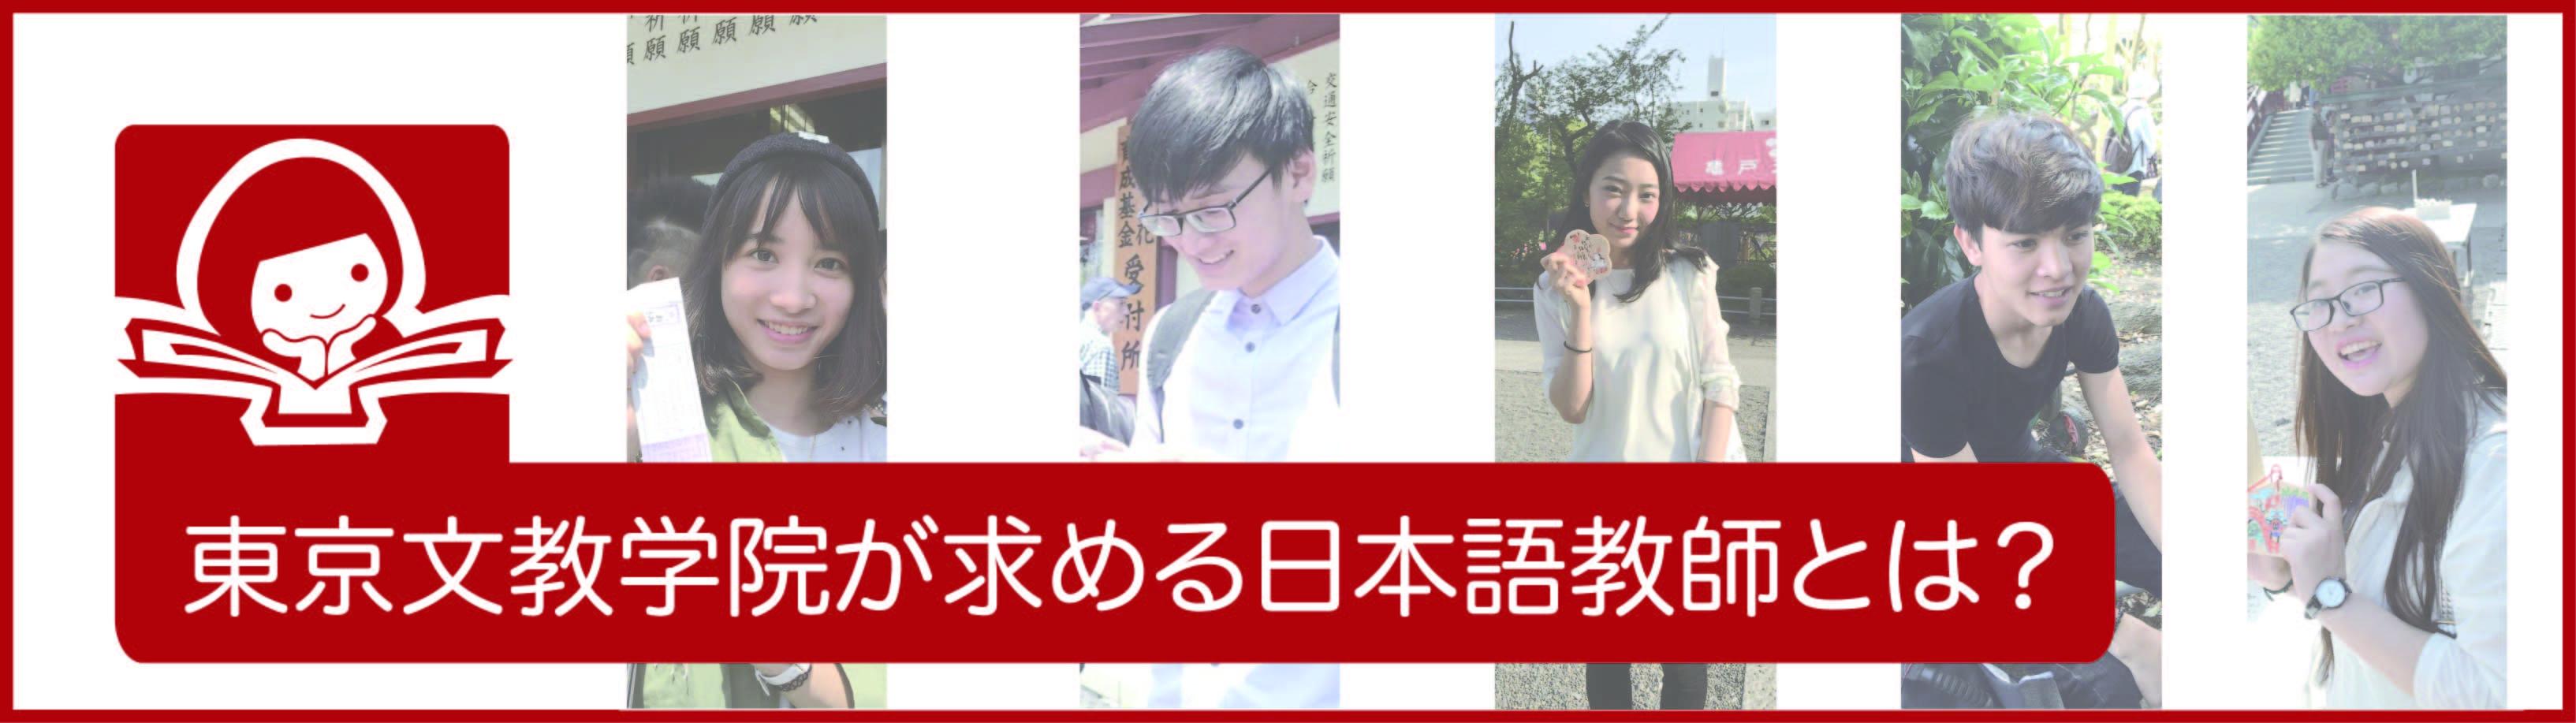 東京文教学院が求める日本語教師とは?